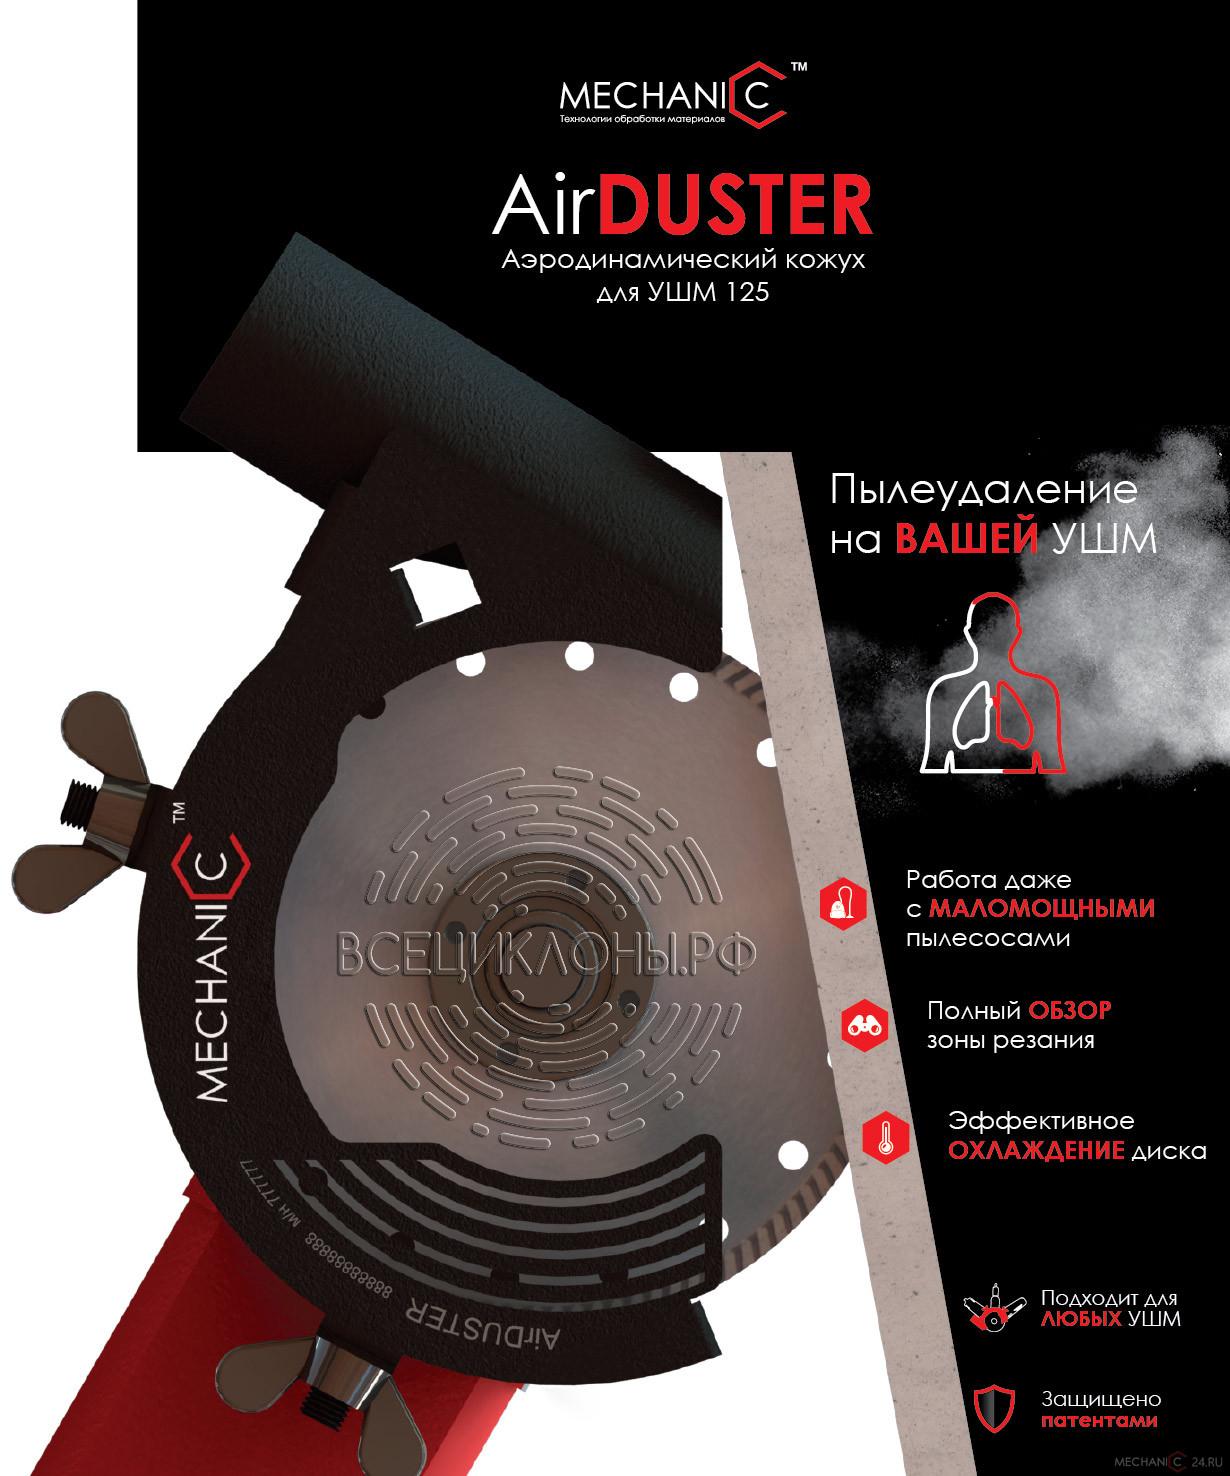 Кожух Air Duster 125 на болгарку (УШМ) под пылесос